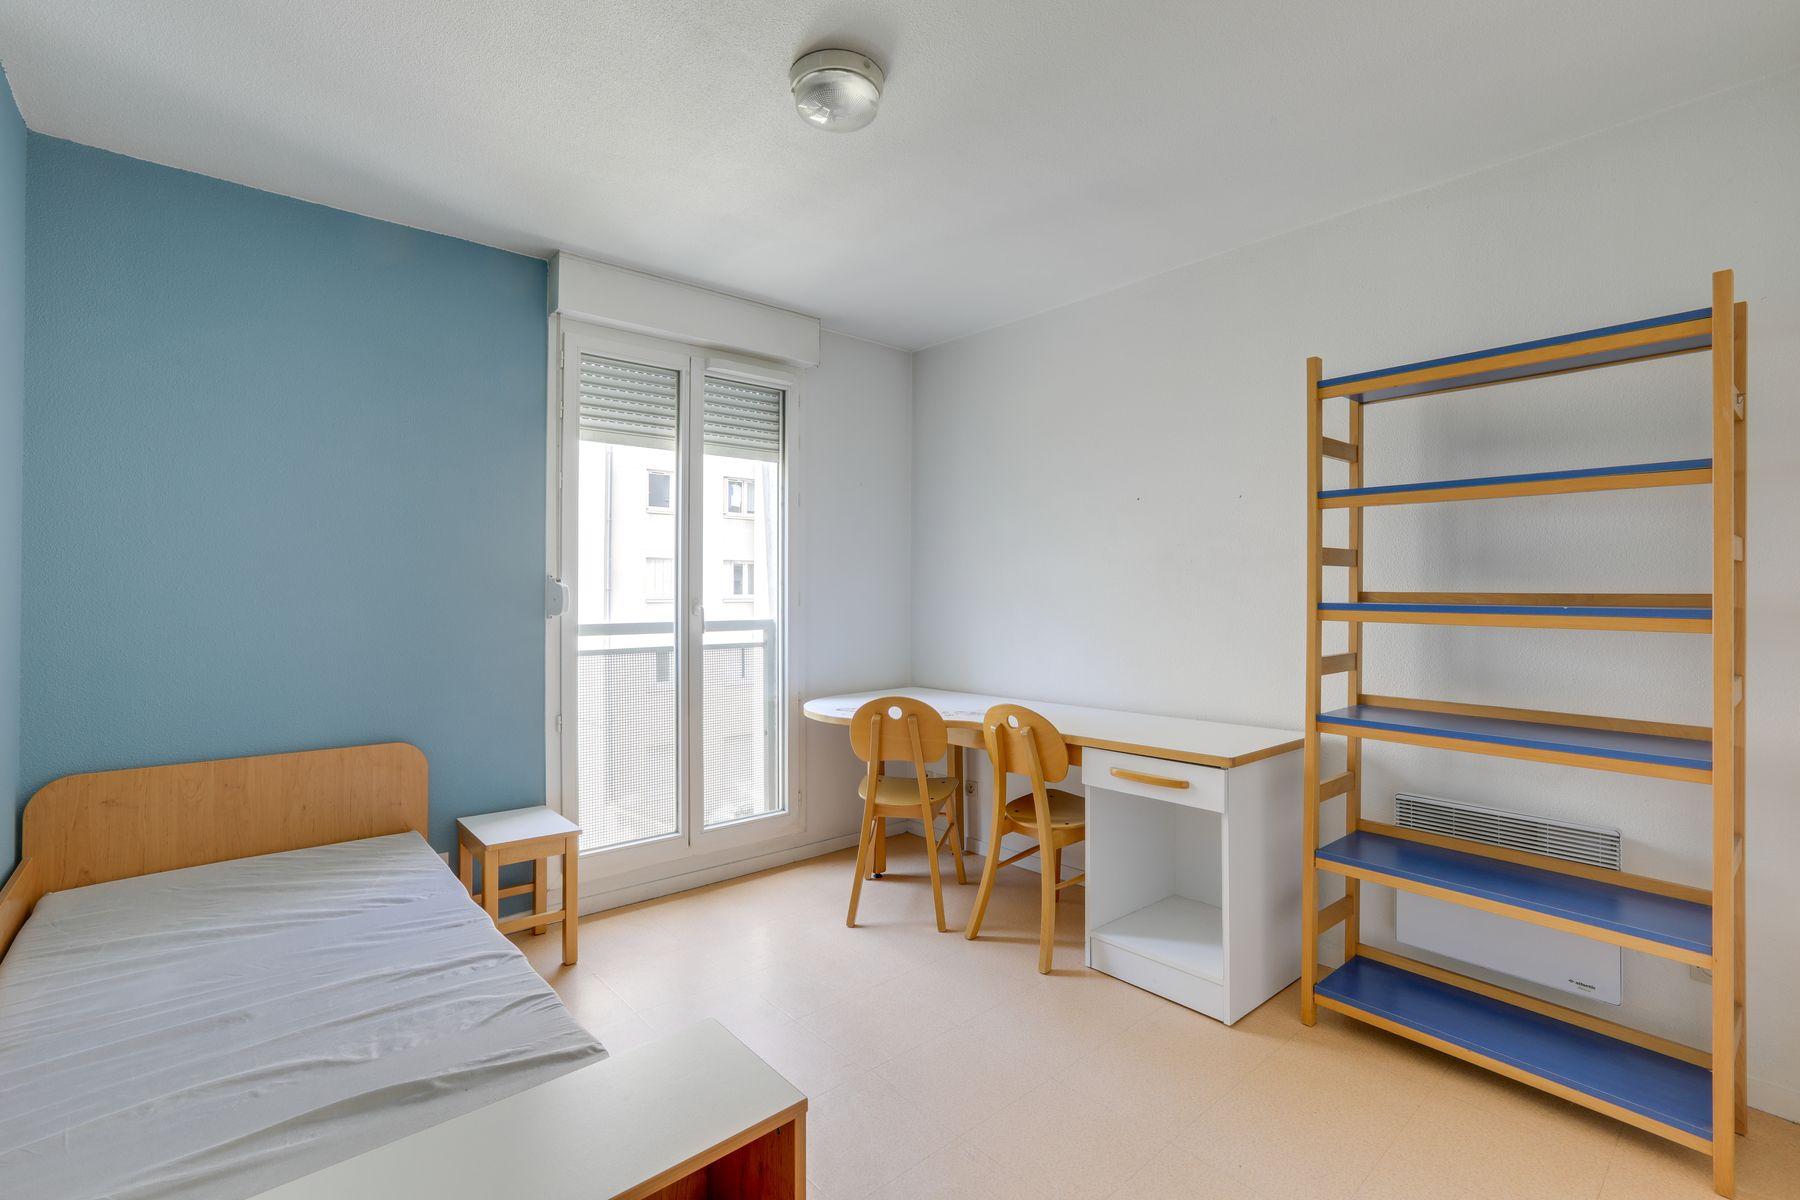 LOGIFAC résidence étudiante Gambetta Rouen lit étagère bureau